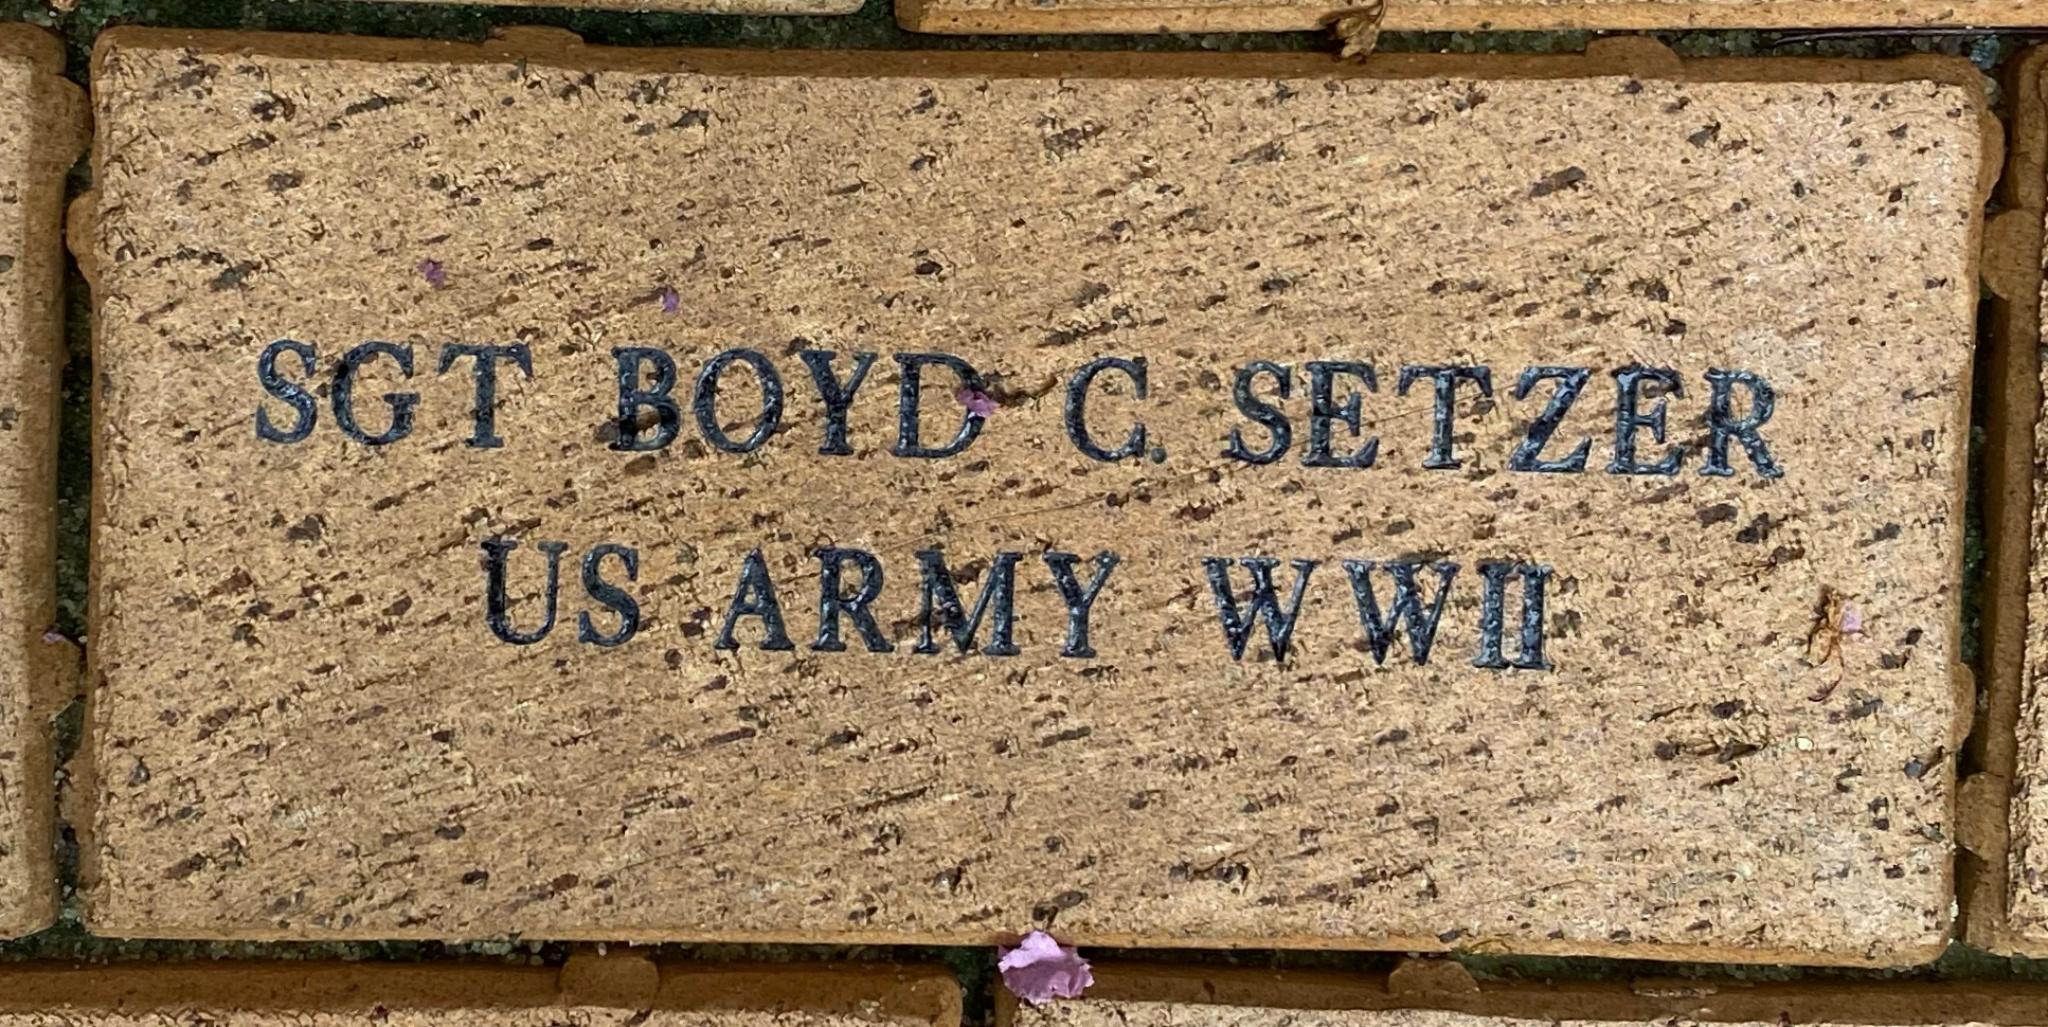 SGT BOYD C. SETZER US ARMY WWII